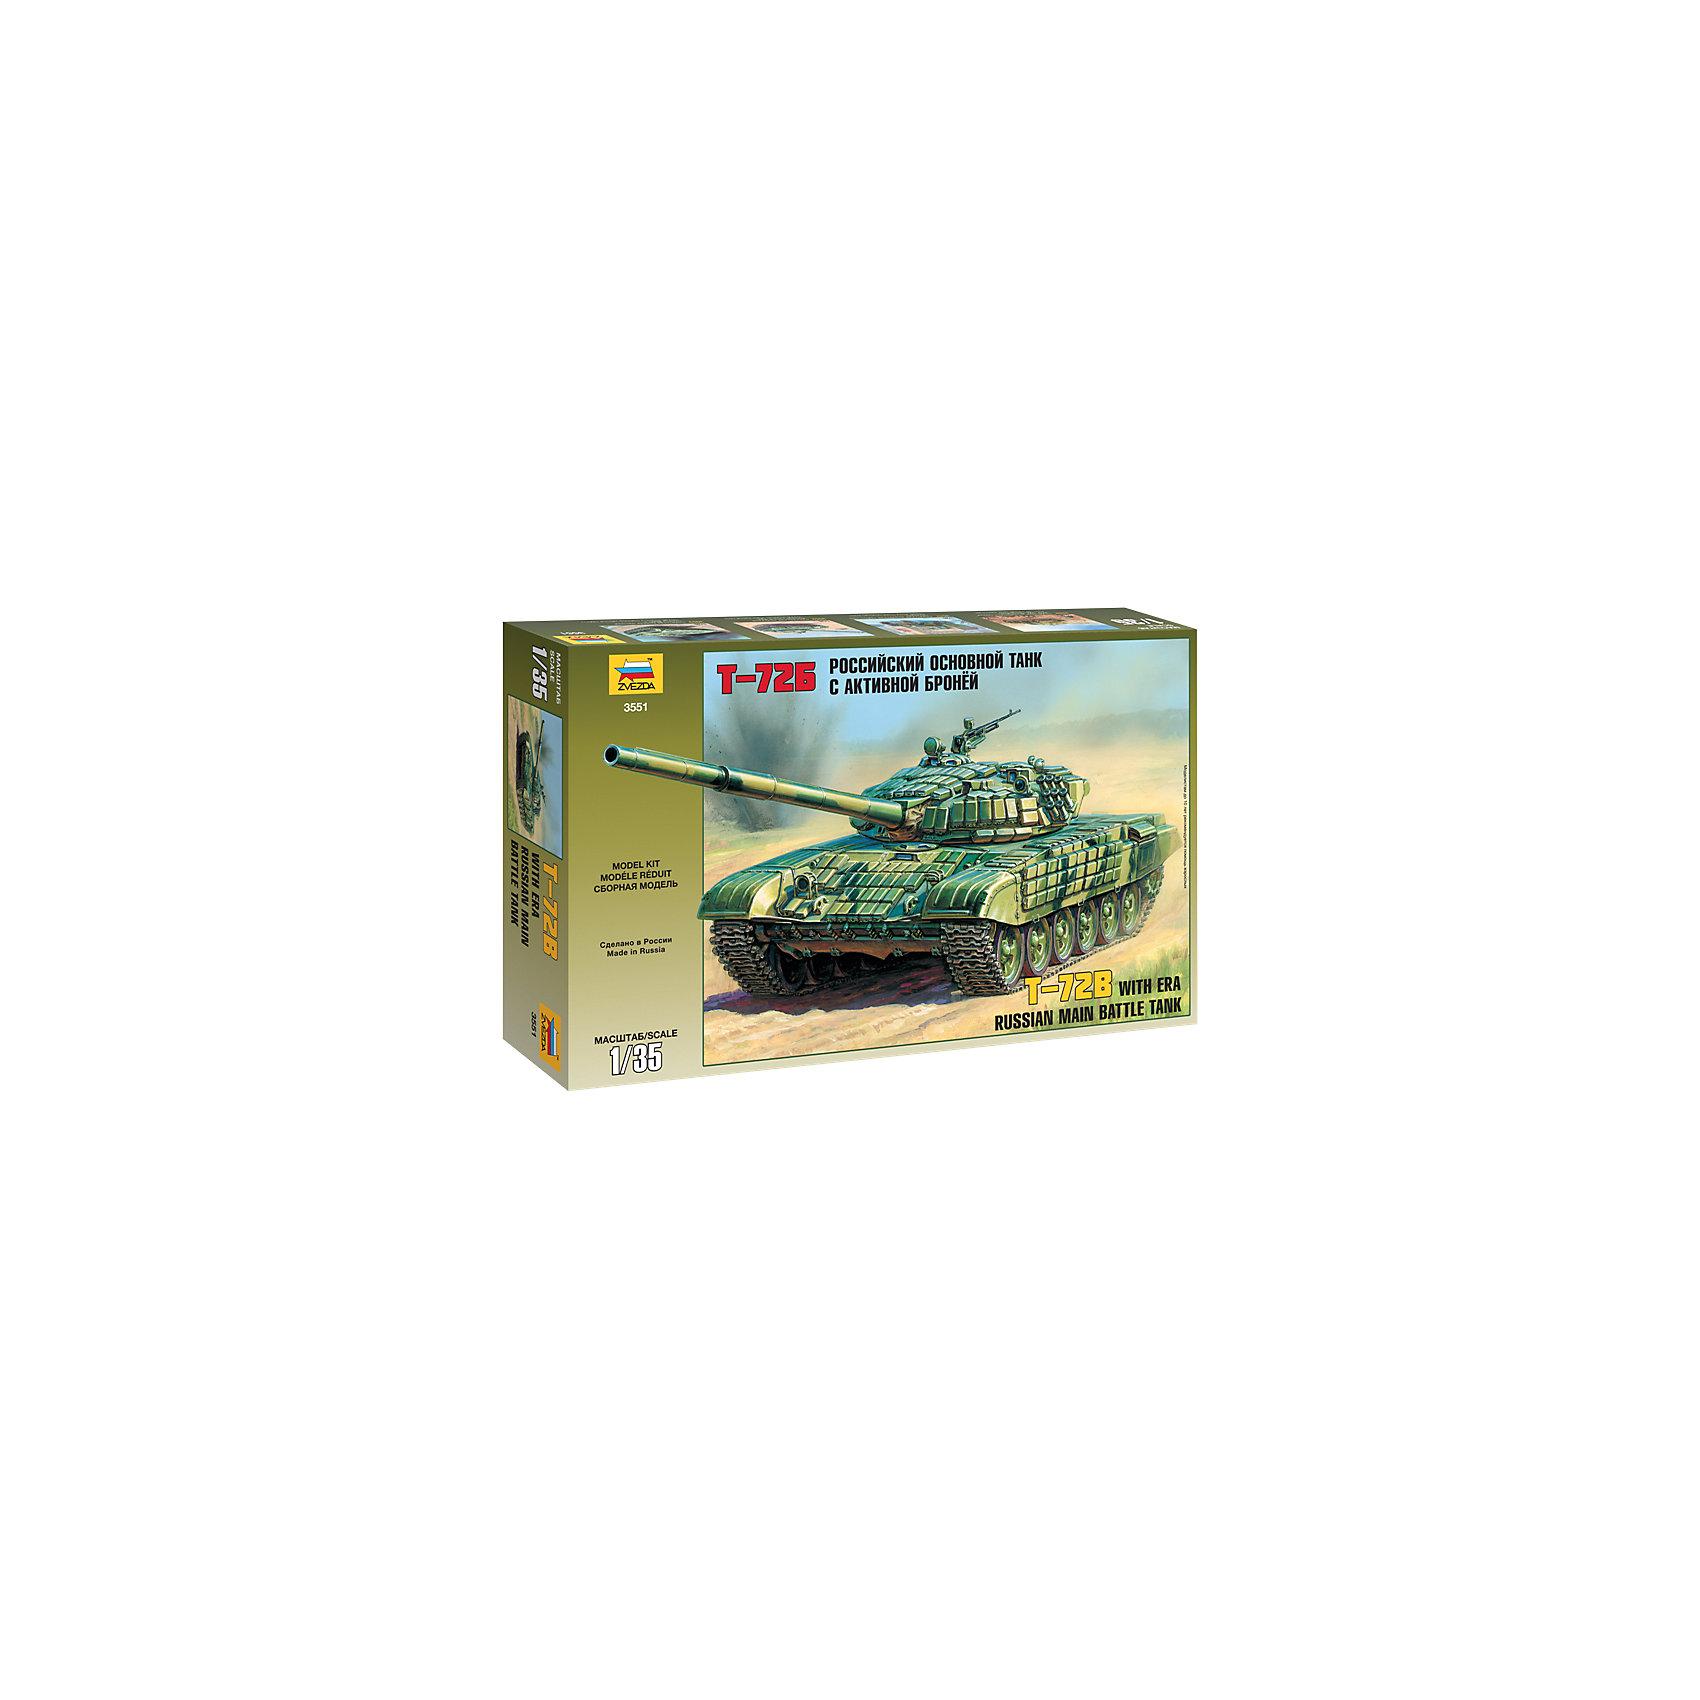 Сборная модель Танк с активной броней Т-72Б, ЗвездаВоенный транспорт<br>Сборная модель Танк с активной броней Т-72Б, Звезда – это модель для склеивания отличный подарок для ребенка и для взрослого.<br>Сборная модель Танк с активной броней Т-72Б от российского производителя Звезда привлечет внимание не только ребенка, но и взрослого и позволит своими руками создать уменьшенную копию боевого танка российской армии. Этот танк модификации 1985 года отличается от предшественников наличием комплекса управляемого ракетного вооружения и усиленной броневой защитой башни. Кроме этого, на танк ставится навесная динамическая защита, состоящая из 227 контейнеров, почти половина, из которых размещается на башне. Модель танка выполнена в пропорции 1:35. Подробная детализация, безупречное литье пластиковых деталей, точность воспроизведения не оставят равнодушными ни начинающих, ни продвинутых моделистов. Модель собирается при помощи специального клея, выпускаемого предприятием Звезда. Процесс сборки развивает интеллектуальные и инструментальные способности, воображение и конструктивное мышление, а также прививает практические навыки работы со схемами и чертежами.<br><br>Дополнительная информация:<br><br>- Количество деталей: 304<br>- Длина собранной модели: 29 см.<br>- Масштаб: 1:35<br>- Материал: пластик<br>- Размер упаковки: 240x340x60 мм.<br>- Вес: 330 гр.<br>- Клей и краски в комплект не входят, приобретаются отдельно<br><br>Сборную модель Танк с активной броней Т-72Б, Звезда можно купить в нашем интернет-магазине.<br><br>Ширина мм: 400<br>Глубина мм: 70<br>Высота мм: 240<br>Вес г: 480<br>Возраст от месяцев: 60<br>Возраст до месяцев: 168<br>Пол: Мужской<br>Возраст: Детский<br>SKU: 4060336